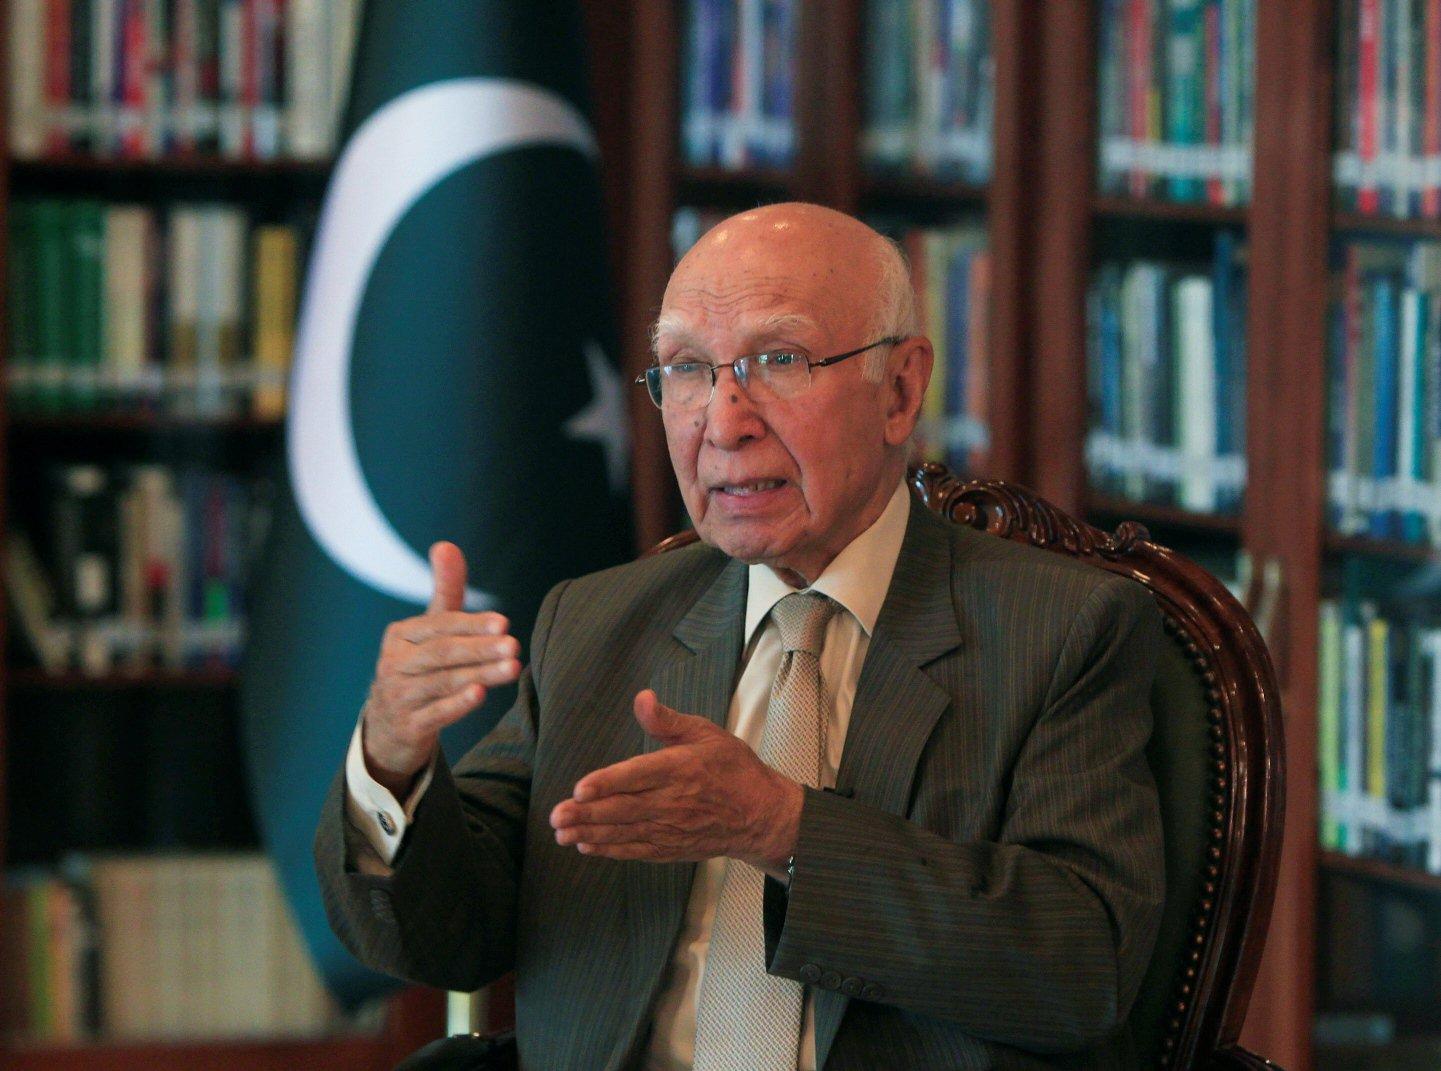 Planning Commission deputy Chairman Sartaj Aziz. PHOTO: Reuters